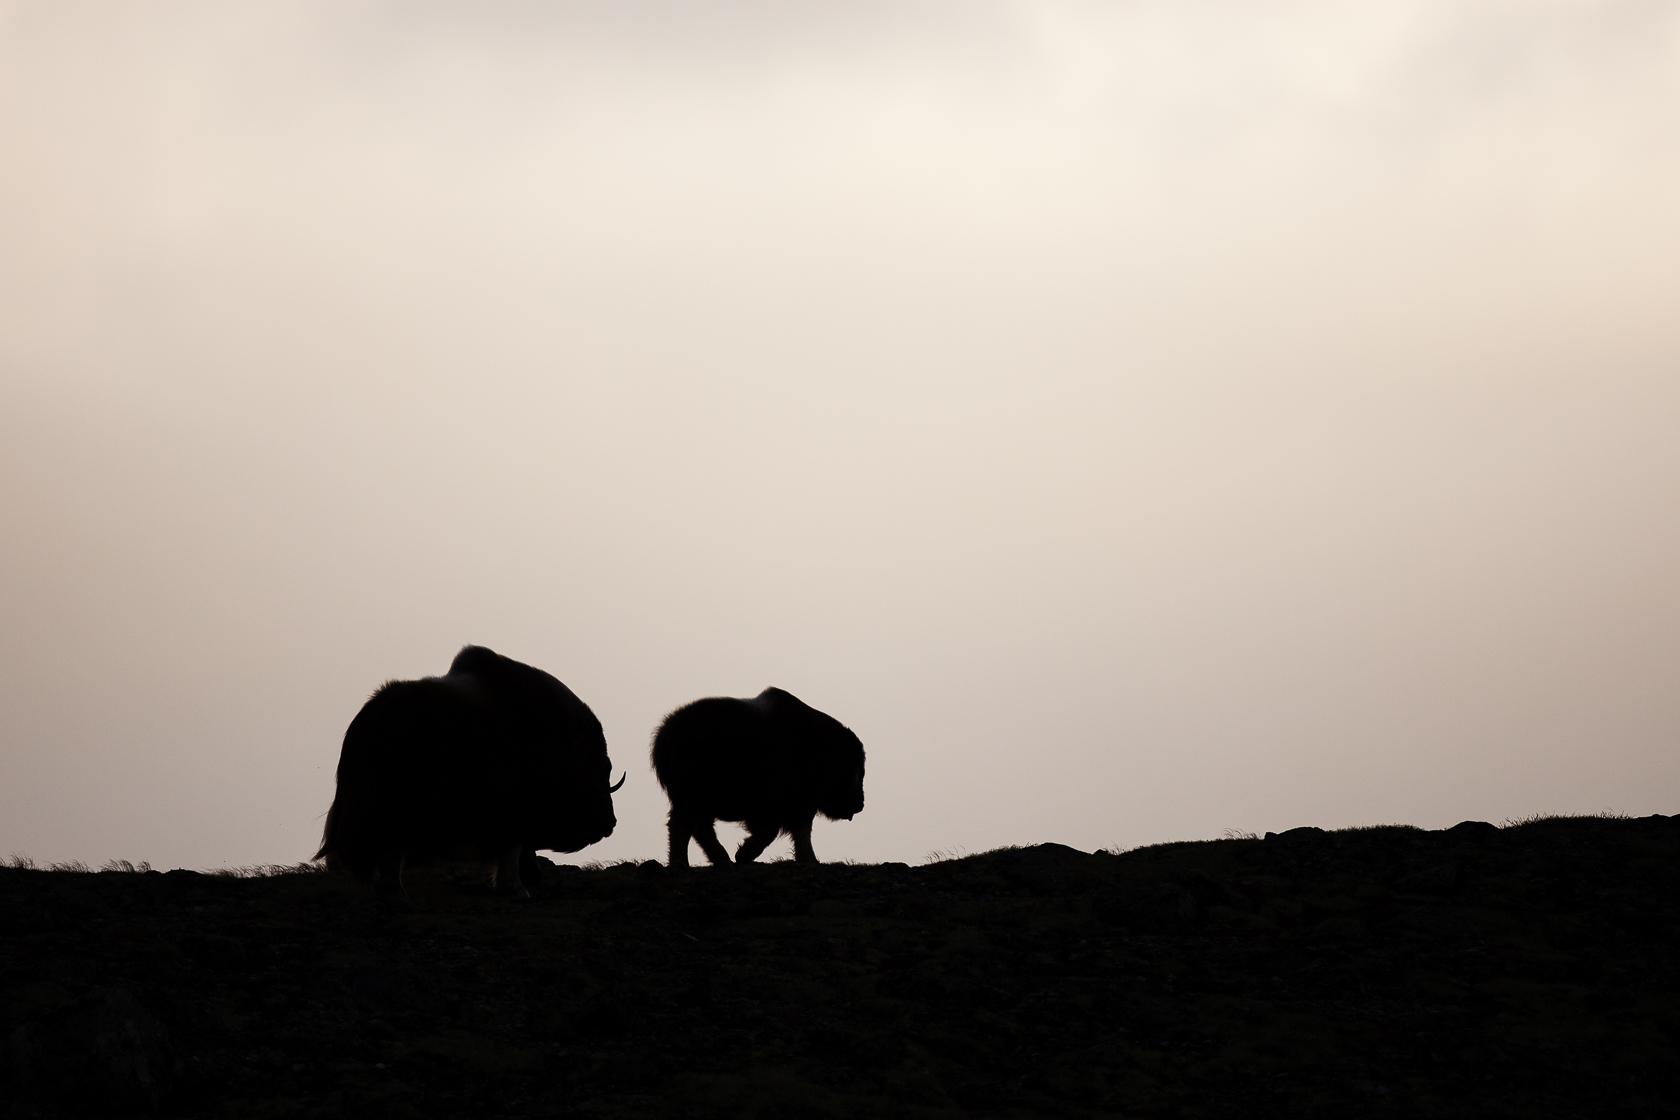 Boeuf musqué (Ovibos moschatus) femelle et son jeune dans le parc national de Dovrefjell